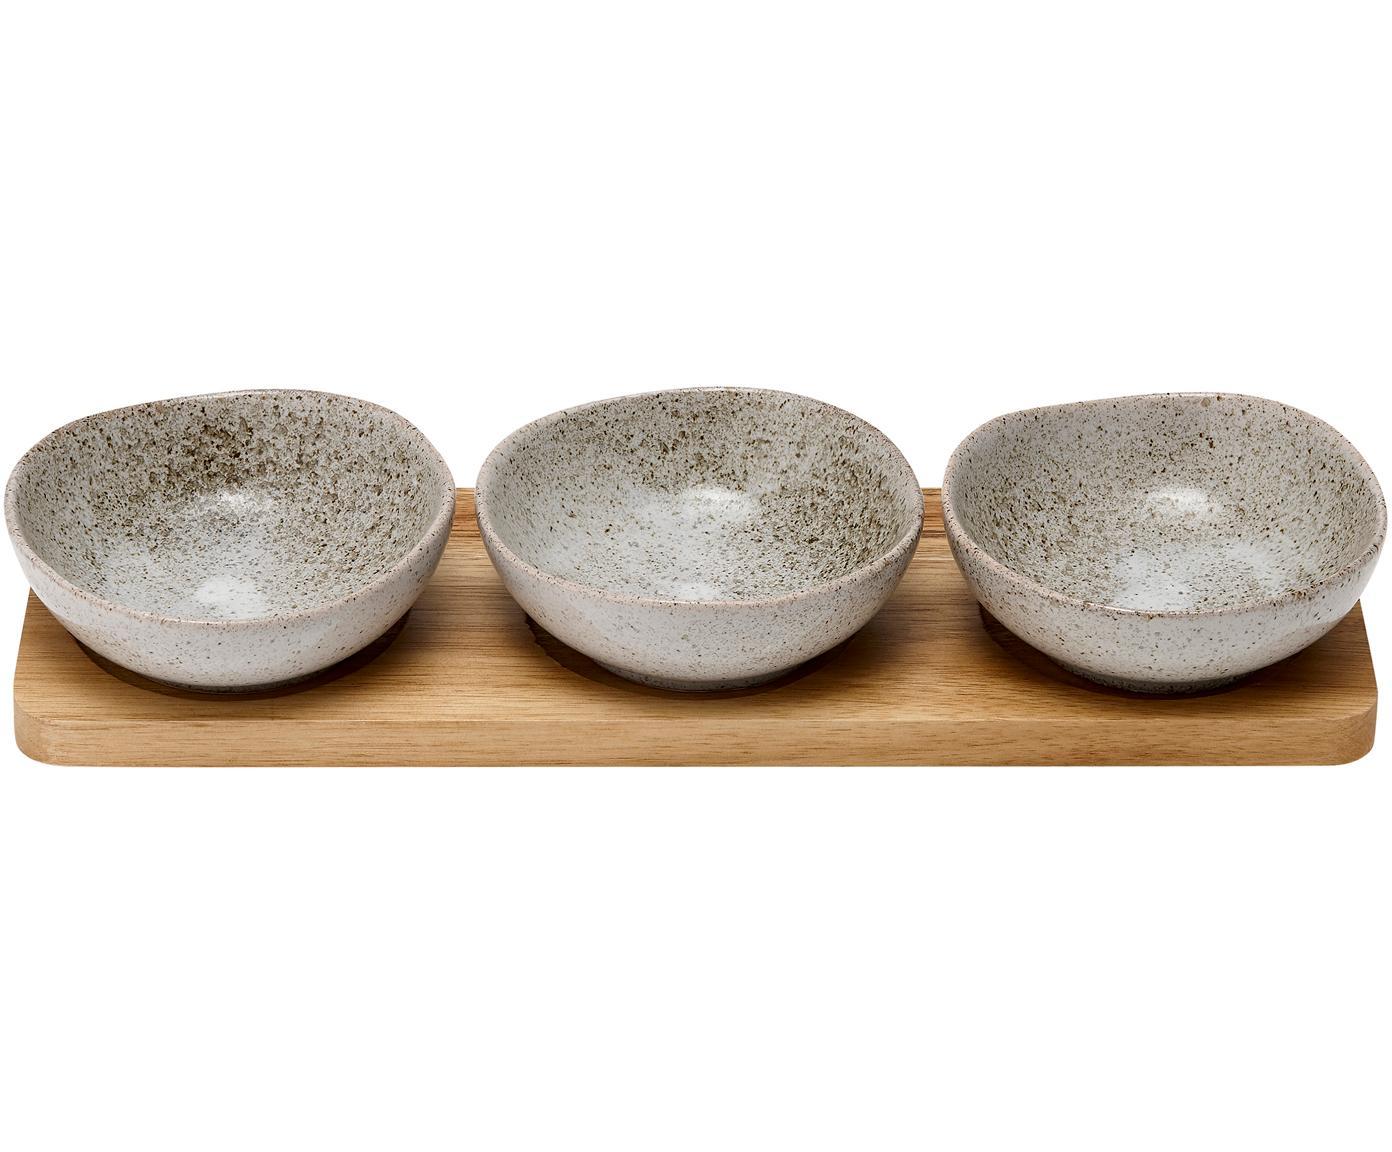 Set de cuencos de porcelana y madera Artisan, 4pzas., Porcelana, madera de acacia, Gris, madera de acacia, Tamaños diferentes